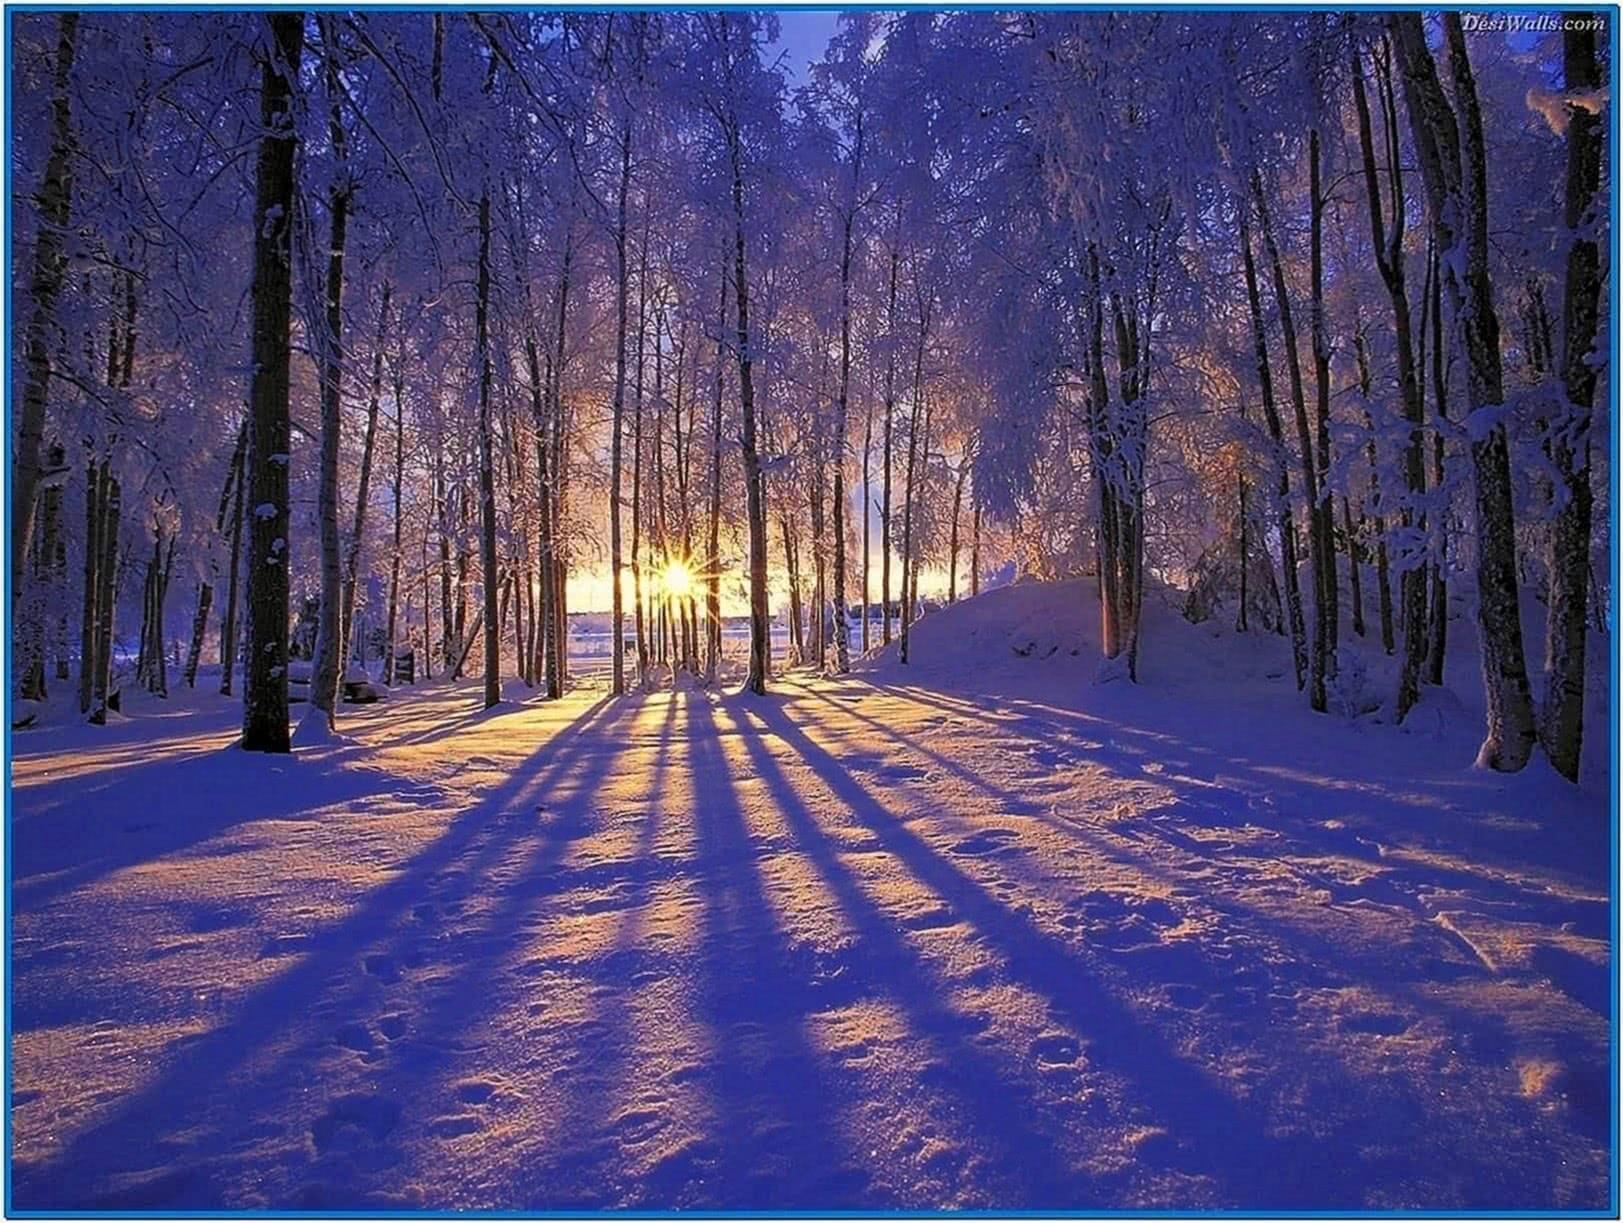 Screensaver winter seen